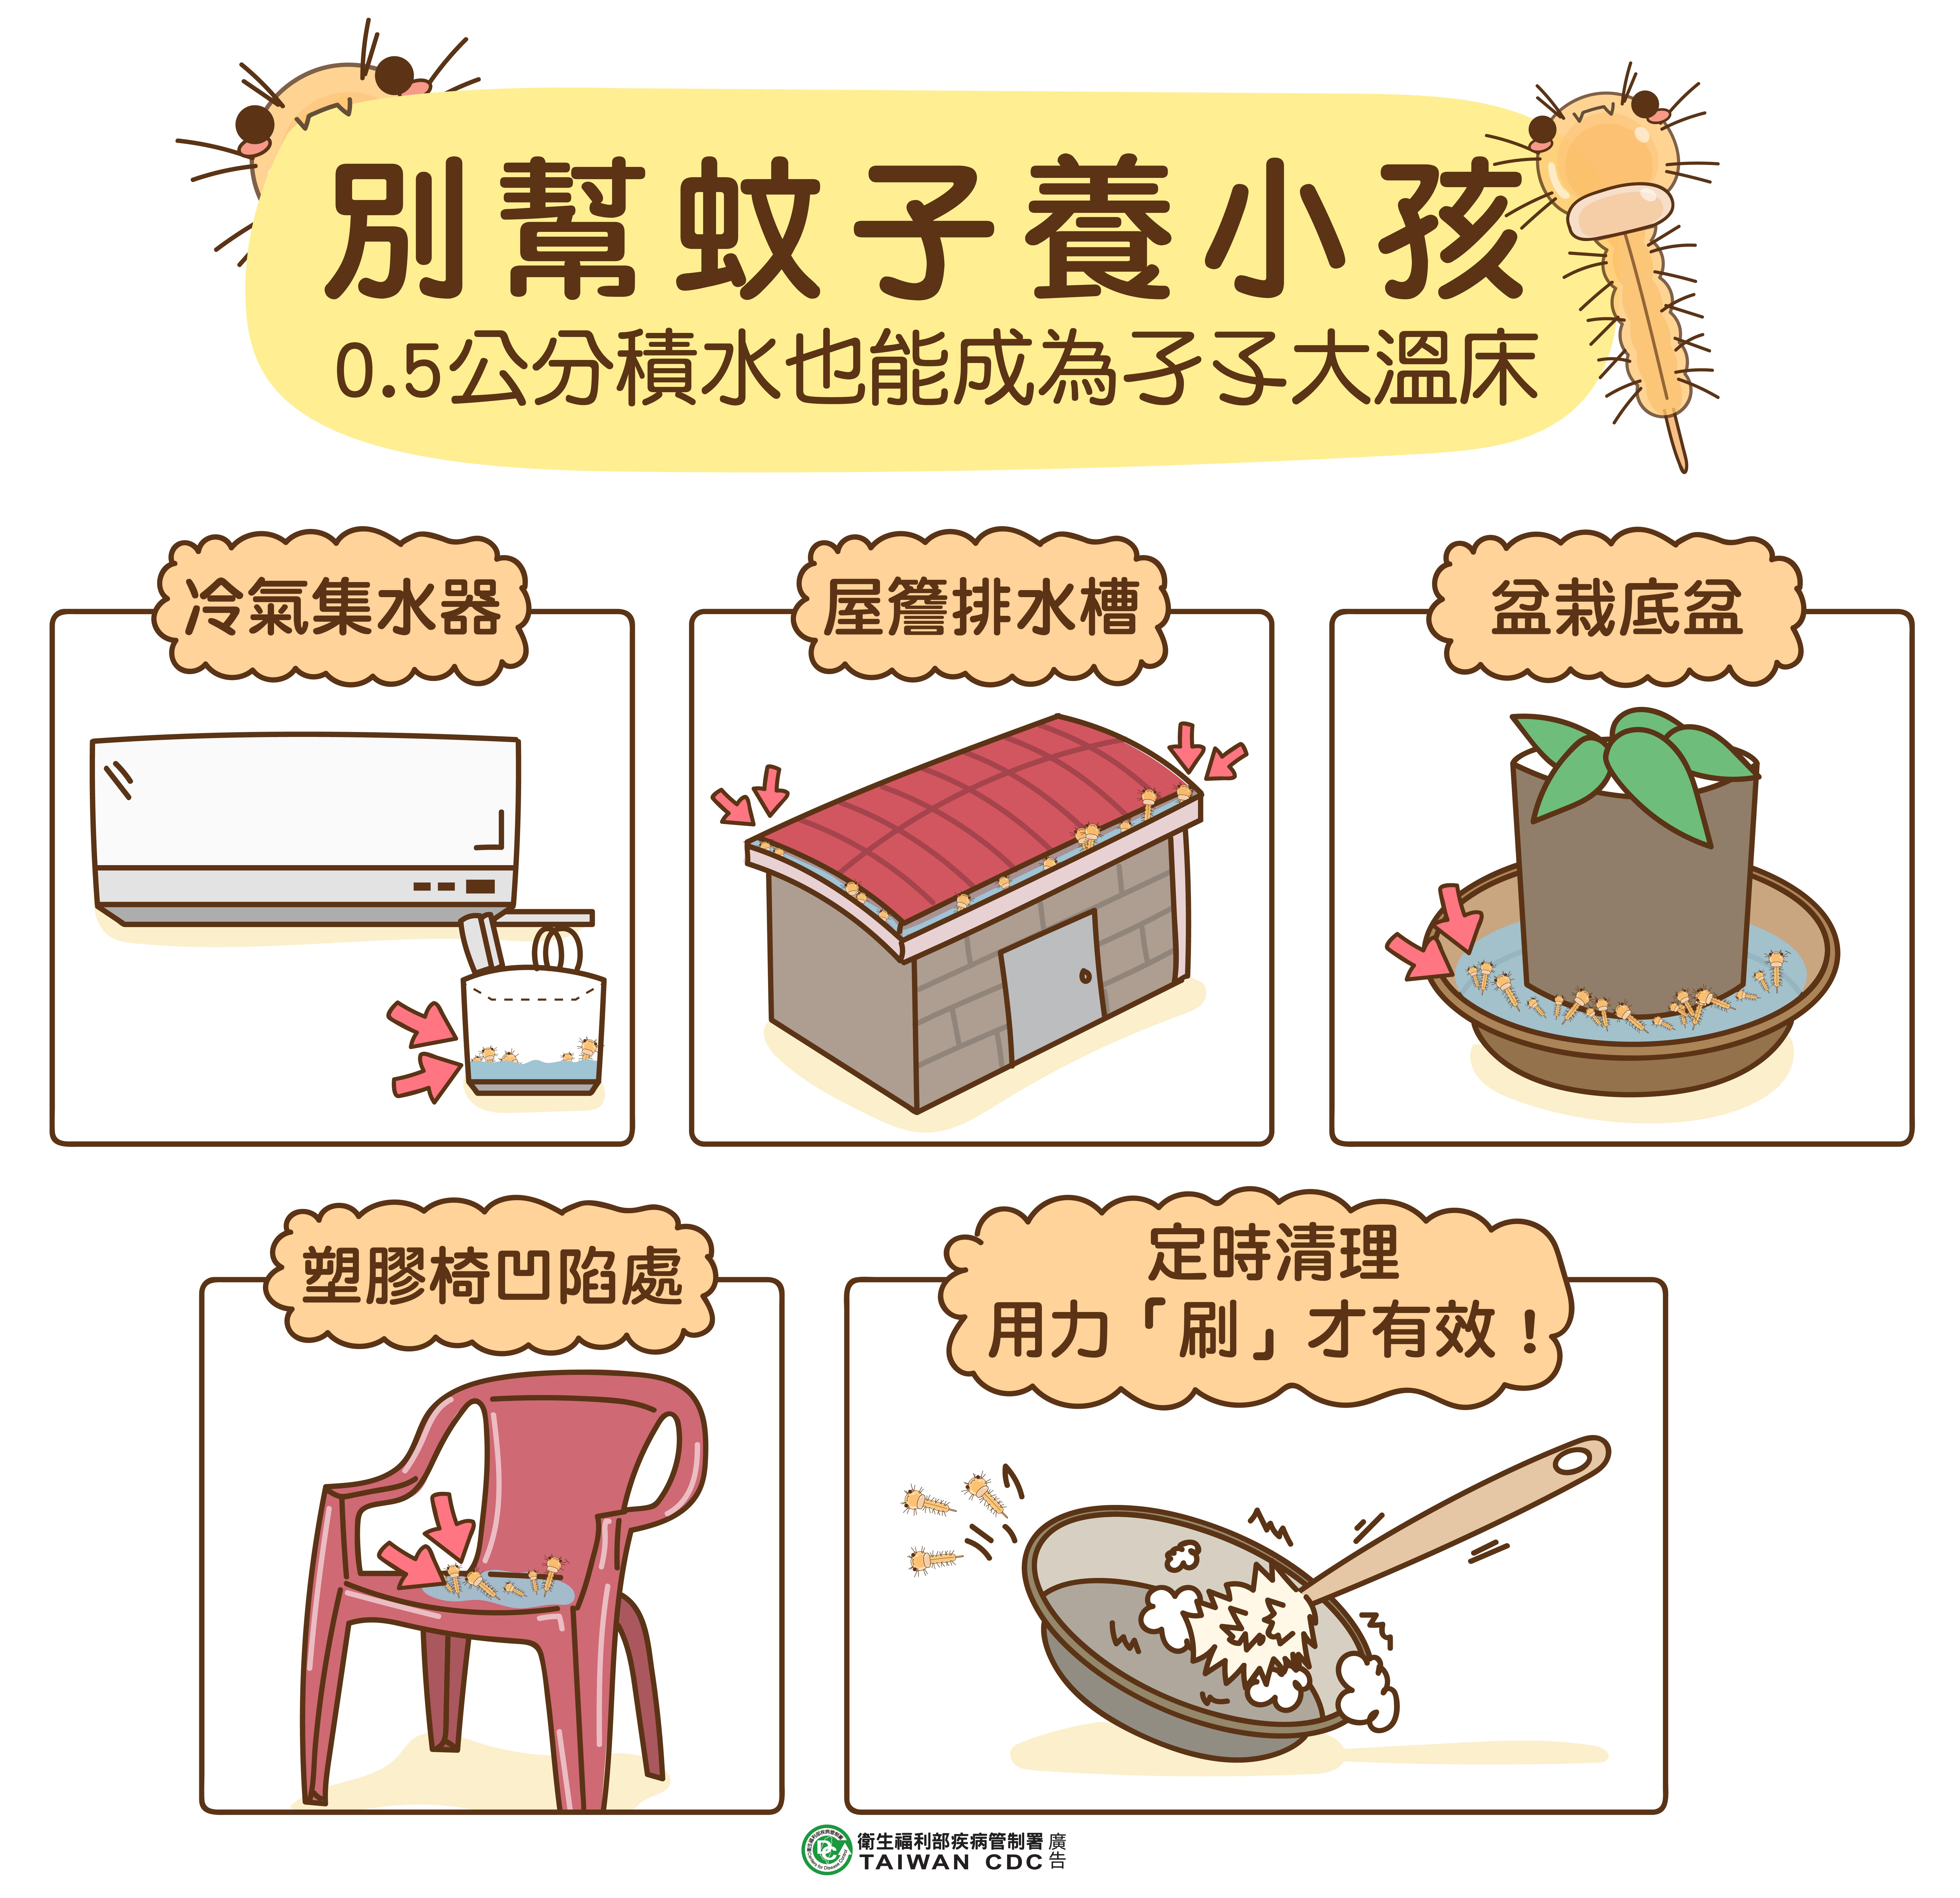 台南新確診1本土登革熱! 積水0.5公分就能養孑孓